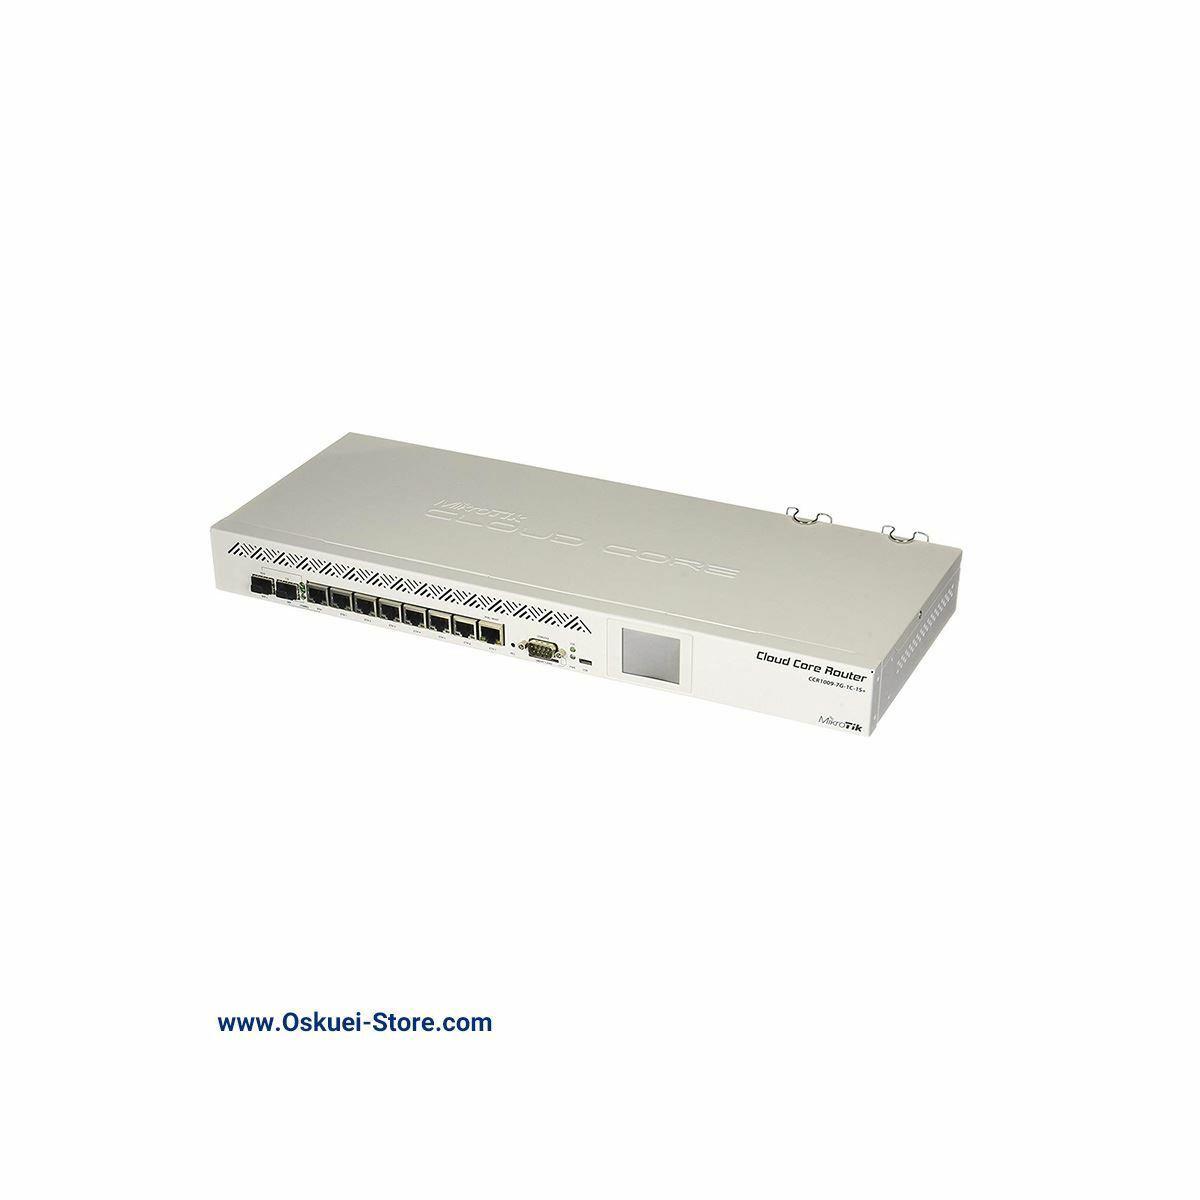 روتر میکروتیک مدل CCR1009-7G-1C-1S+